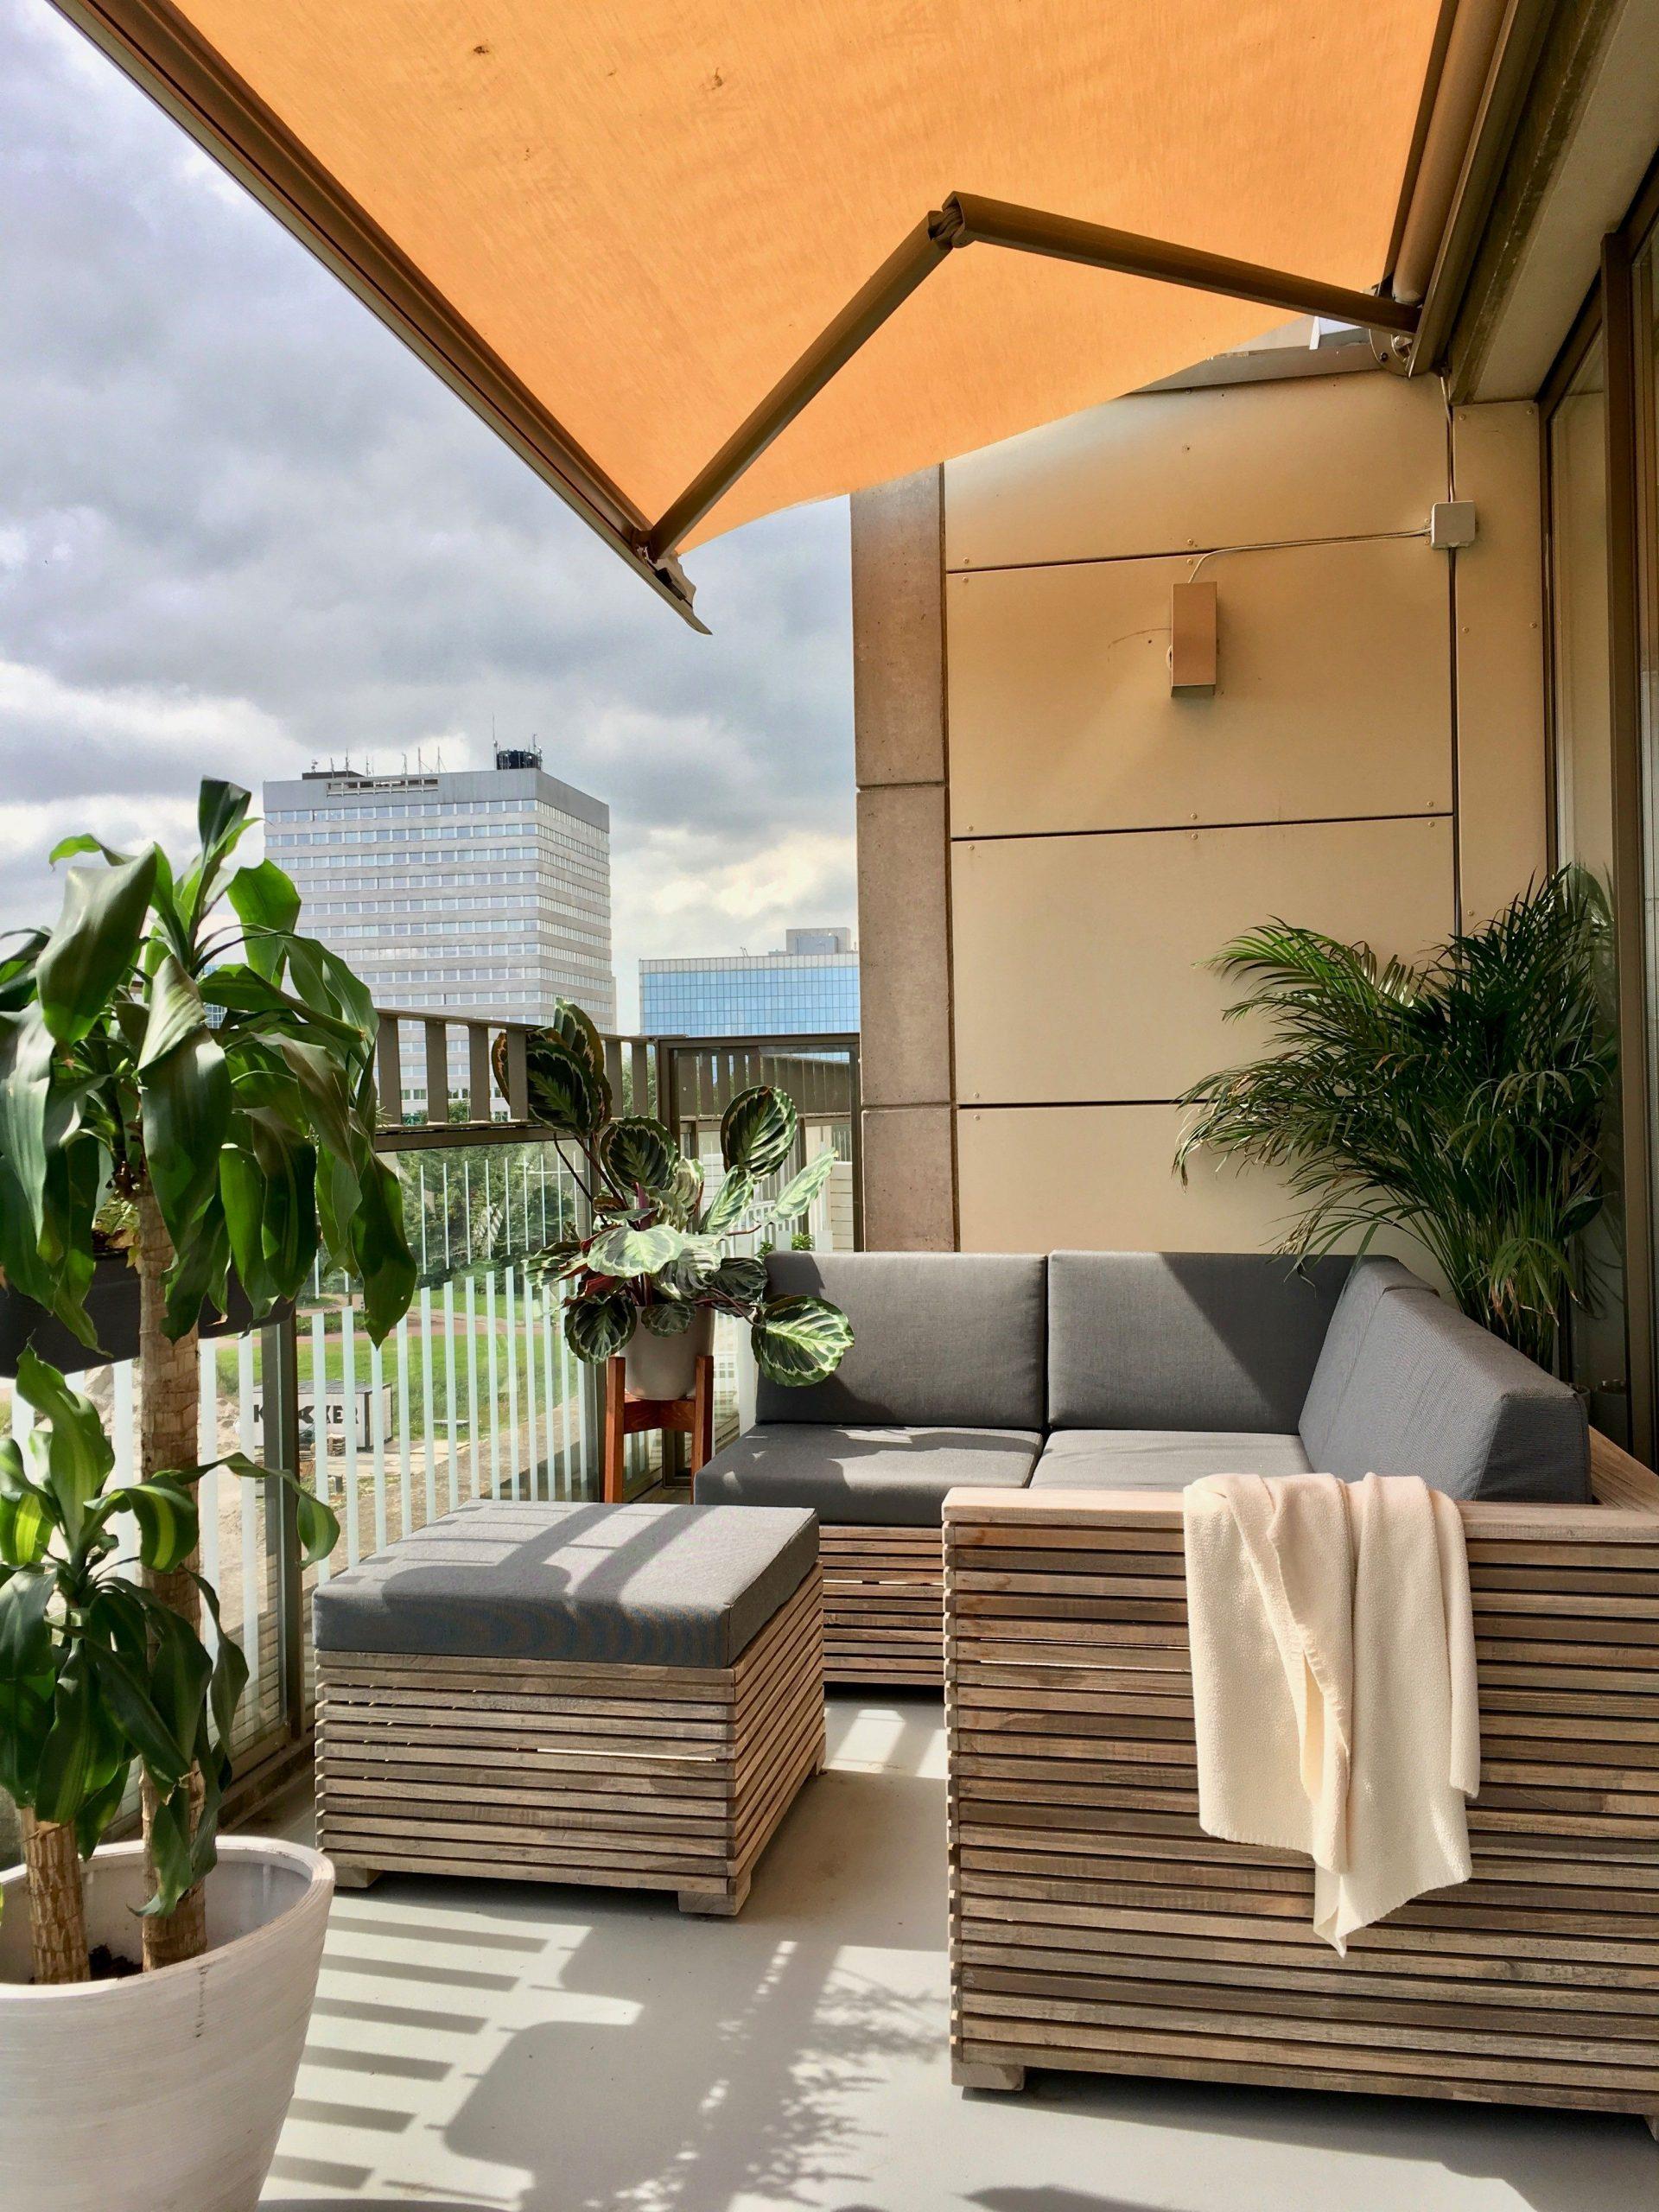 Full Size of Loungemöbel Balkon Loungen Auf Dem Elegant Aber Trozdem Lssig Mit Der Rough Garten Günstig Holz Wohnzimmer Loungemöbel Balkon